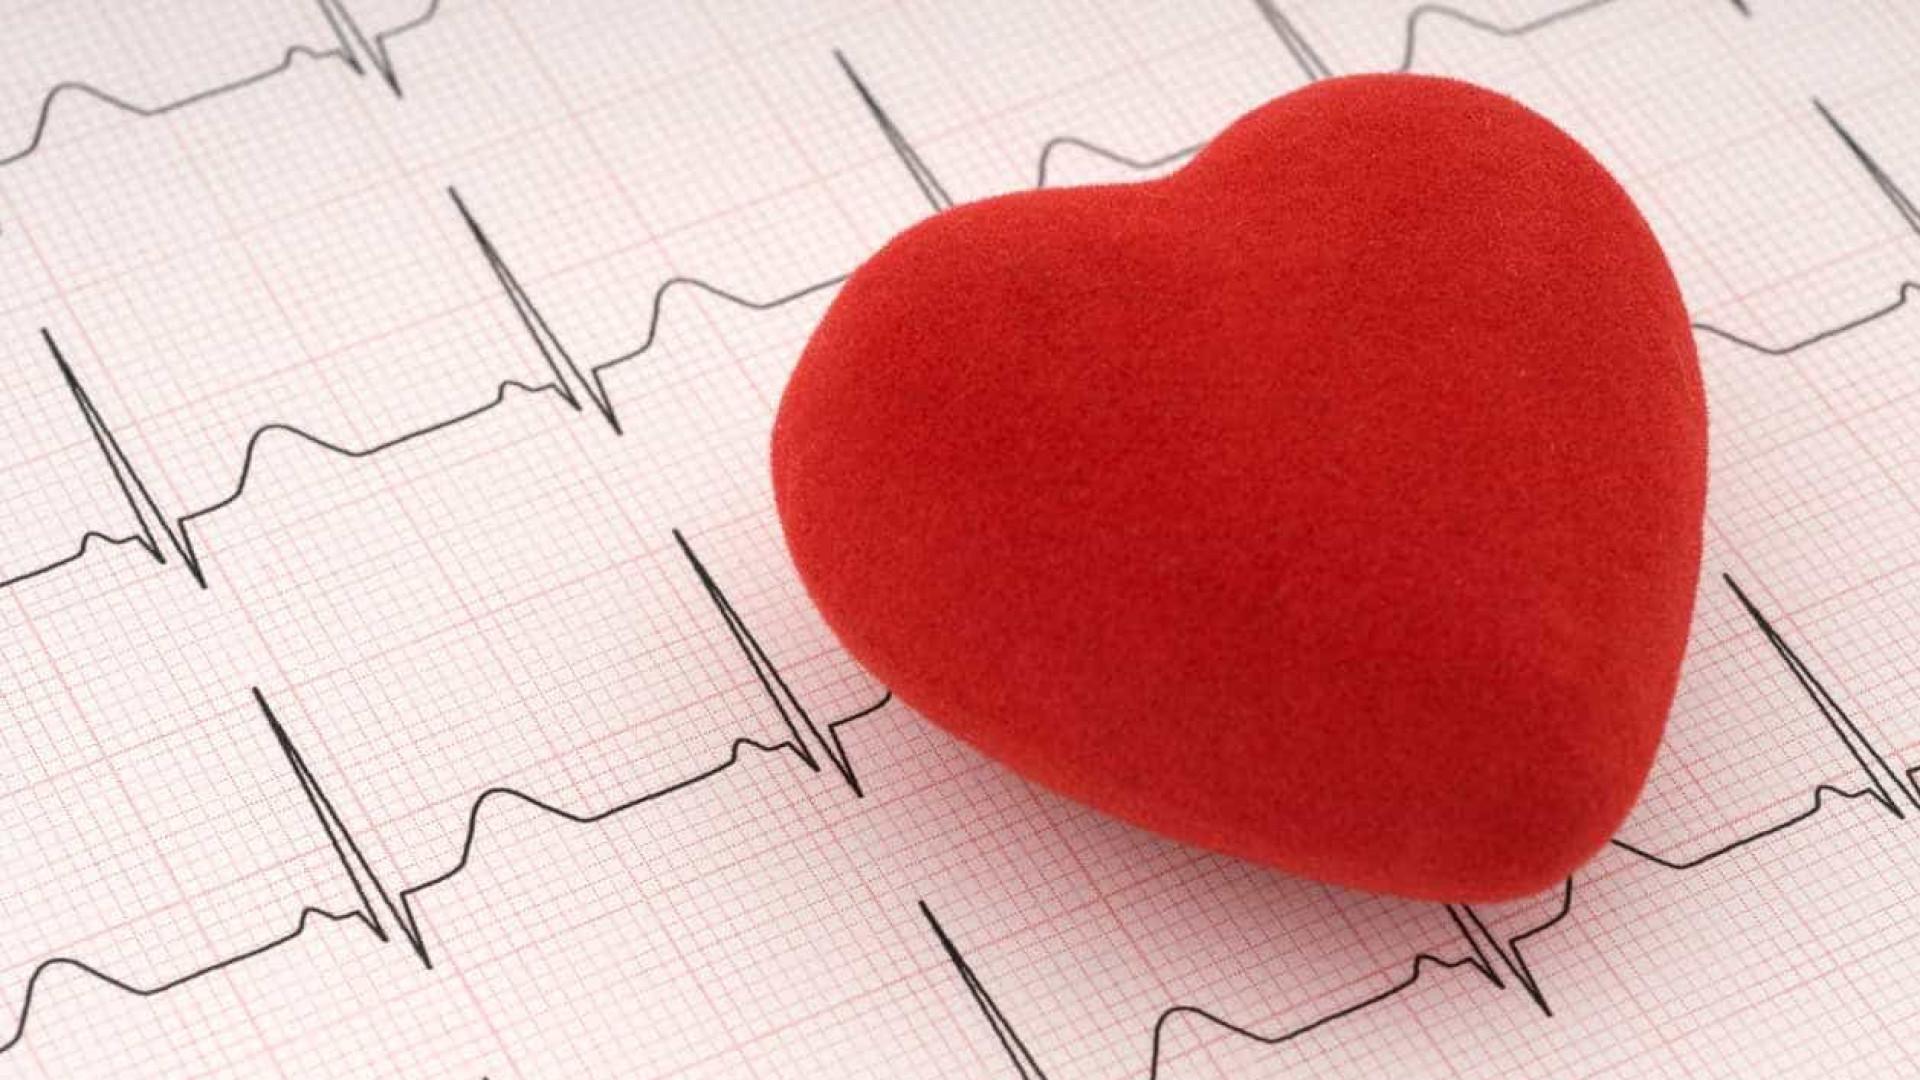 naom 58cd83e894448 - Horário de verão pode aumentar em 10% as chances de ataques cardíacos